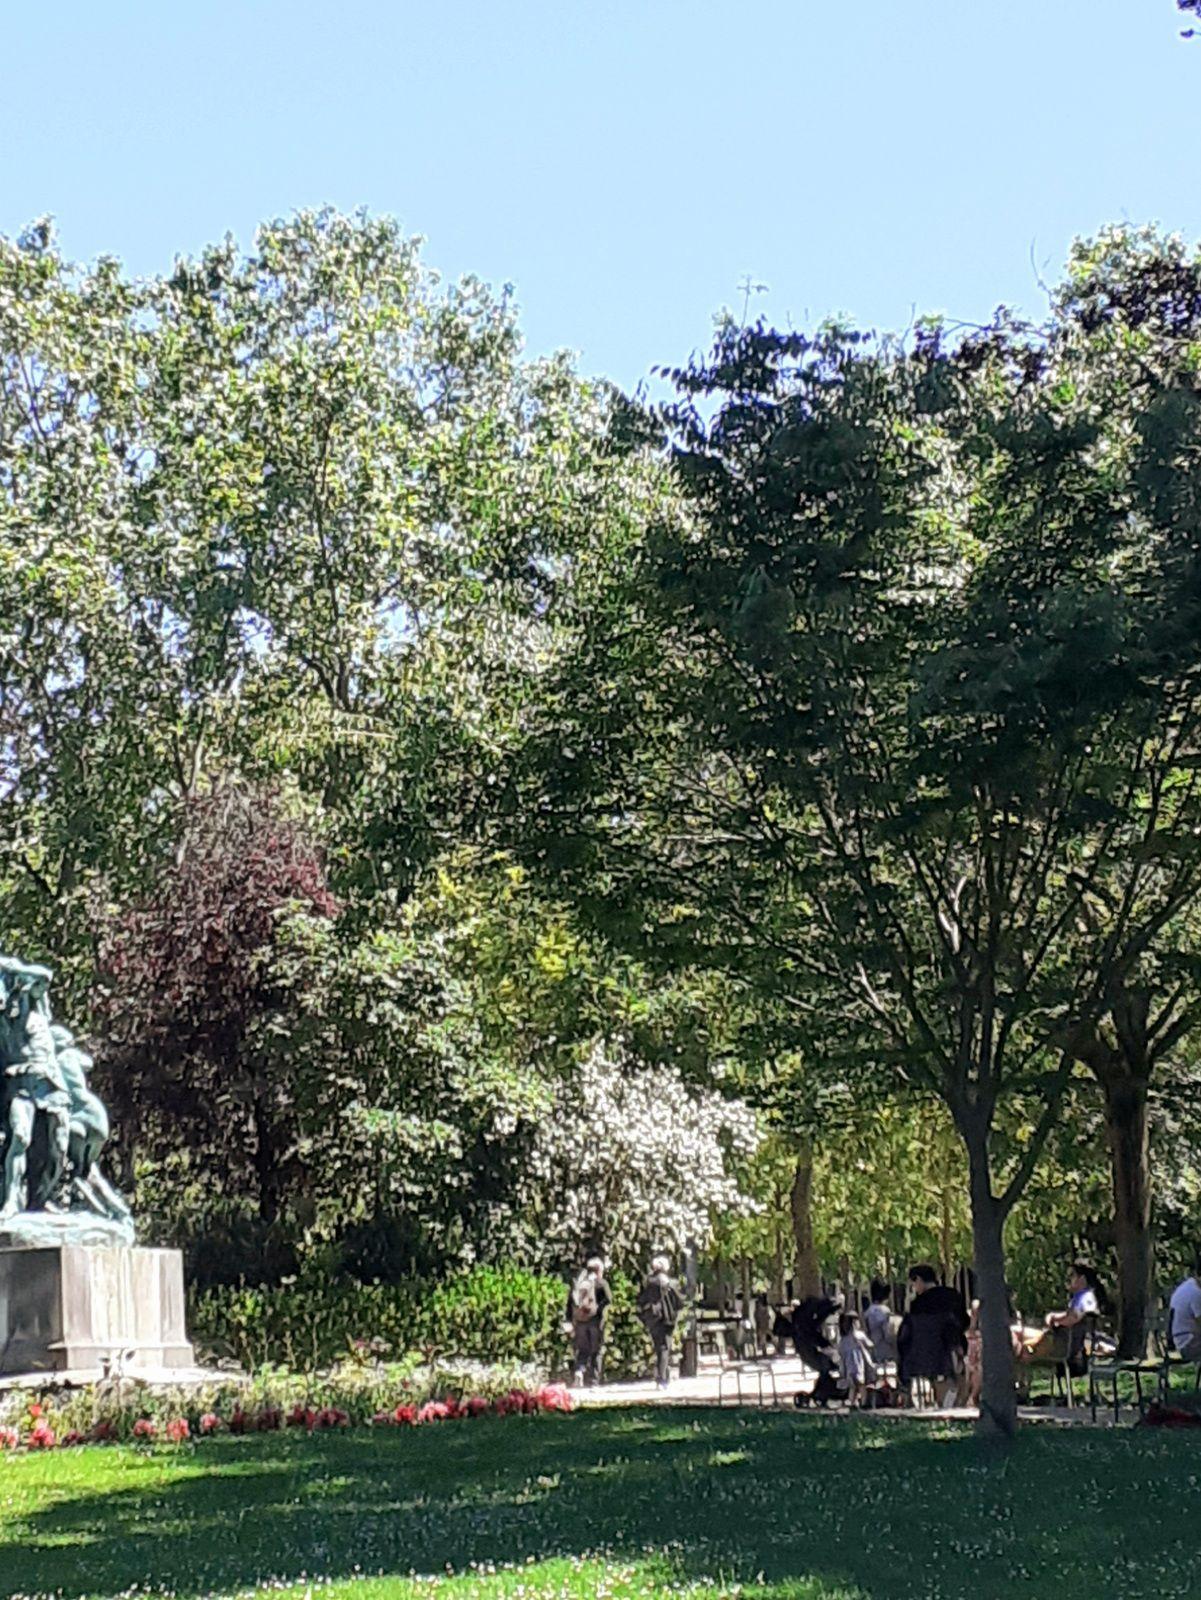 Paris sous le soleil de juin